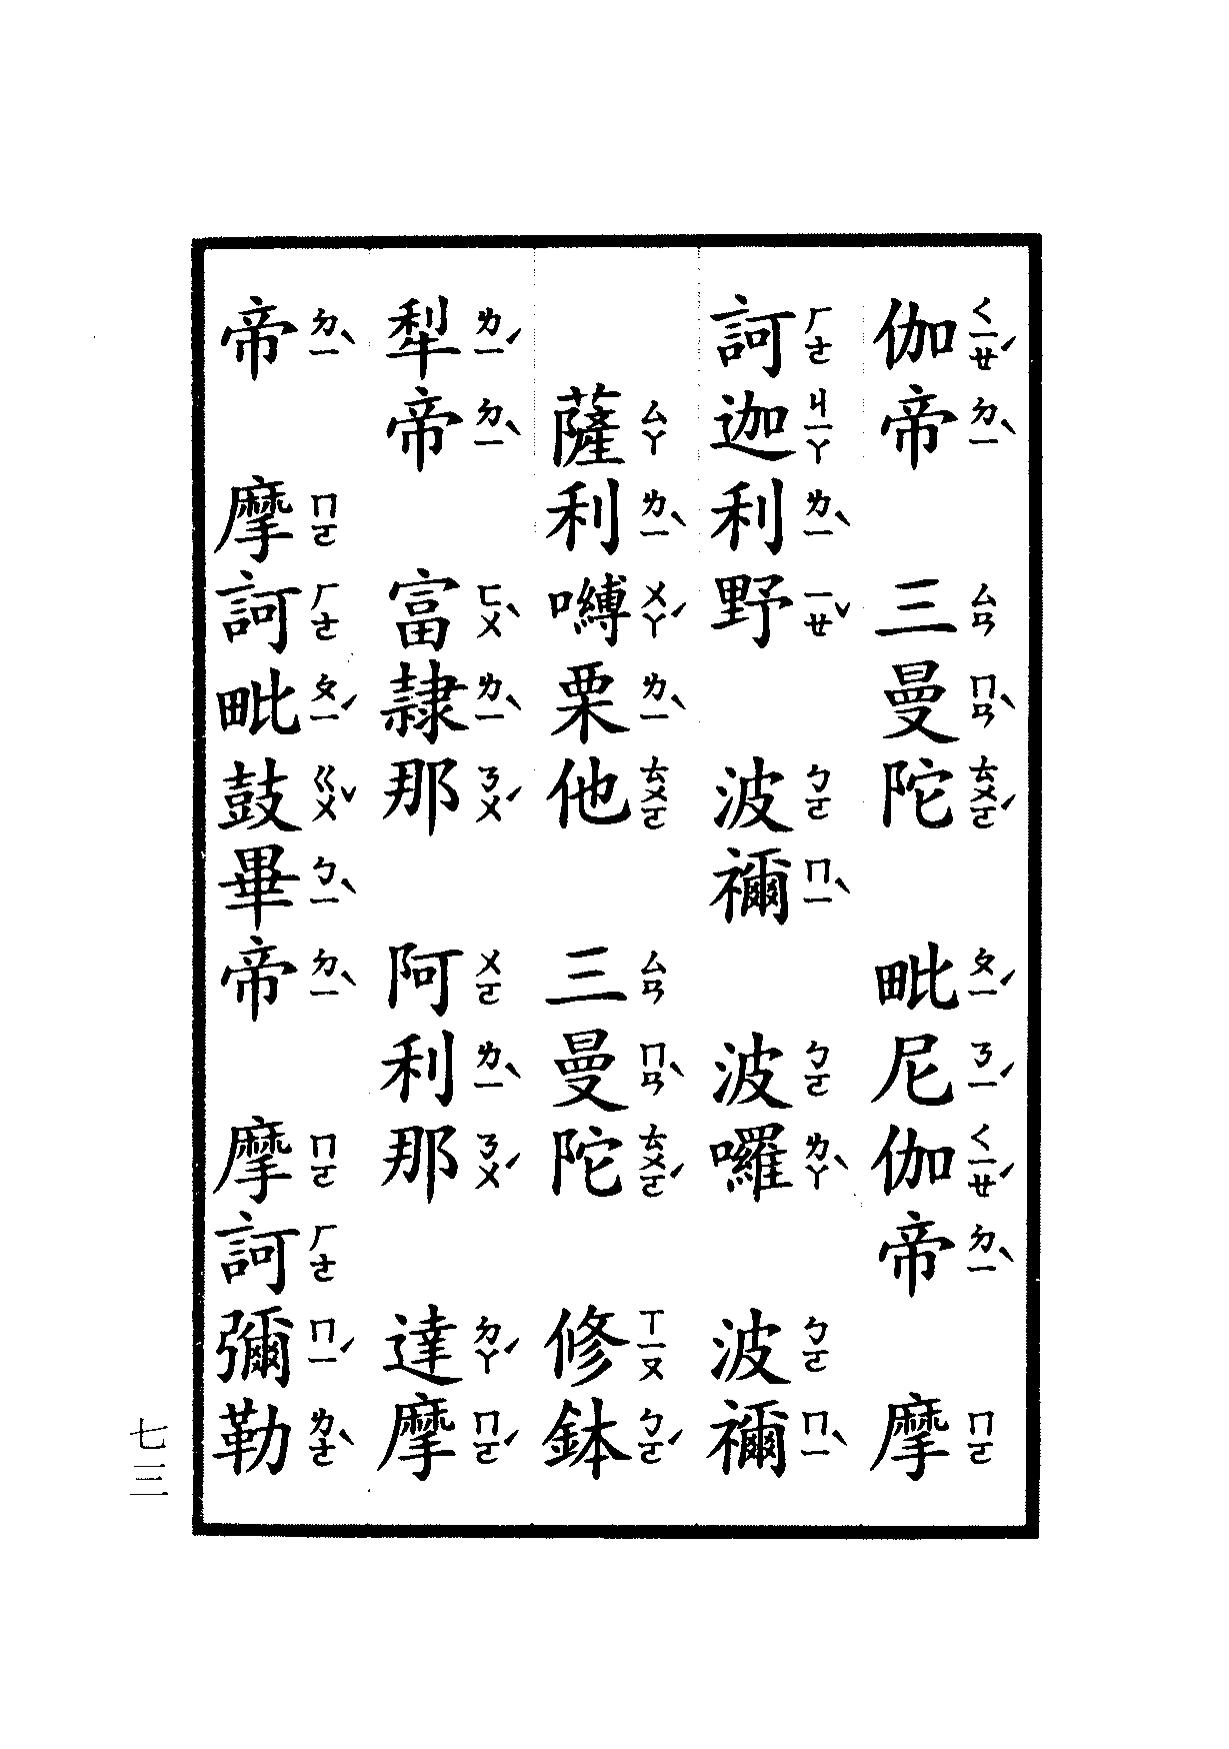 楞嚴咒-大悲咒-十小咒-易背本 79.png